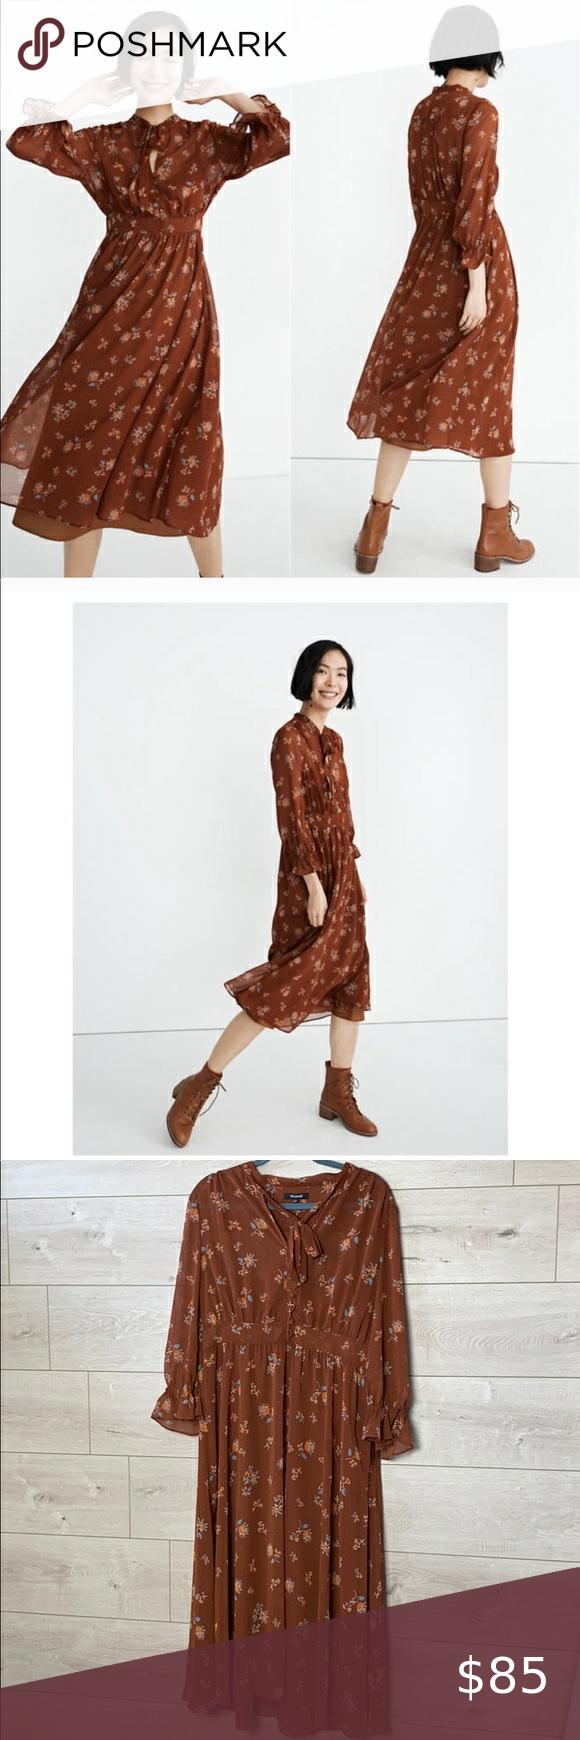 Madewell Georgette Tie Neck Midi Dress Size 12 Midi Dress Clothes Design Floral Midi Dress [ 1740 x 580 Pixel ]